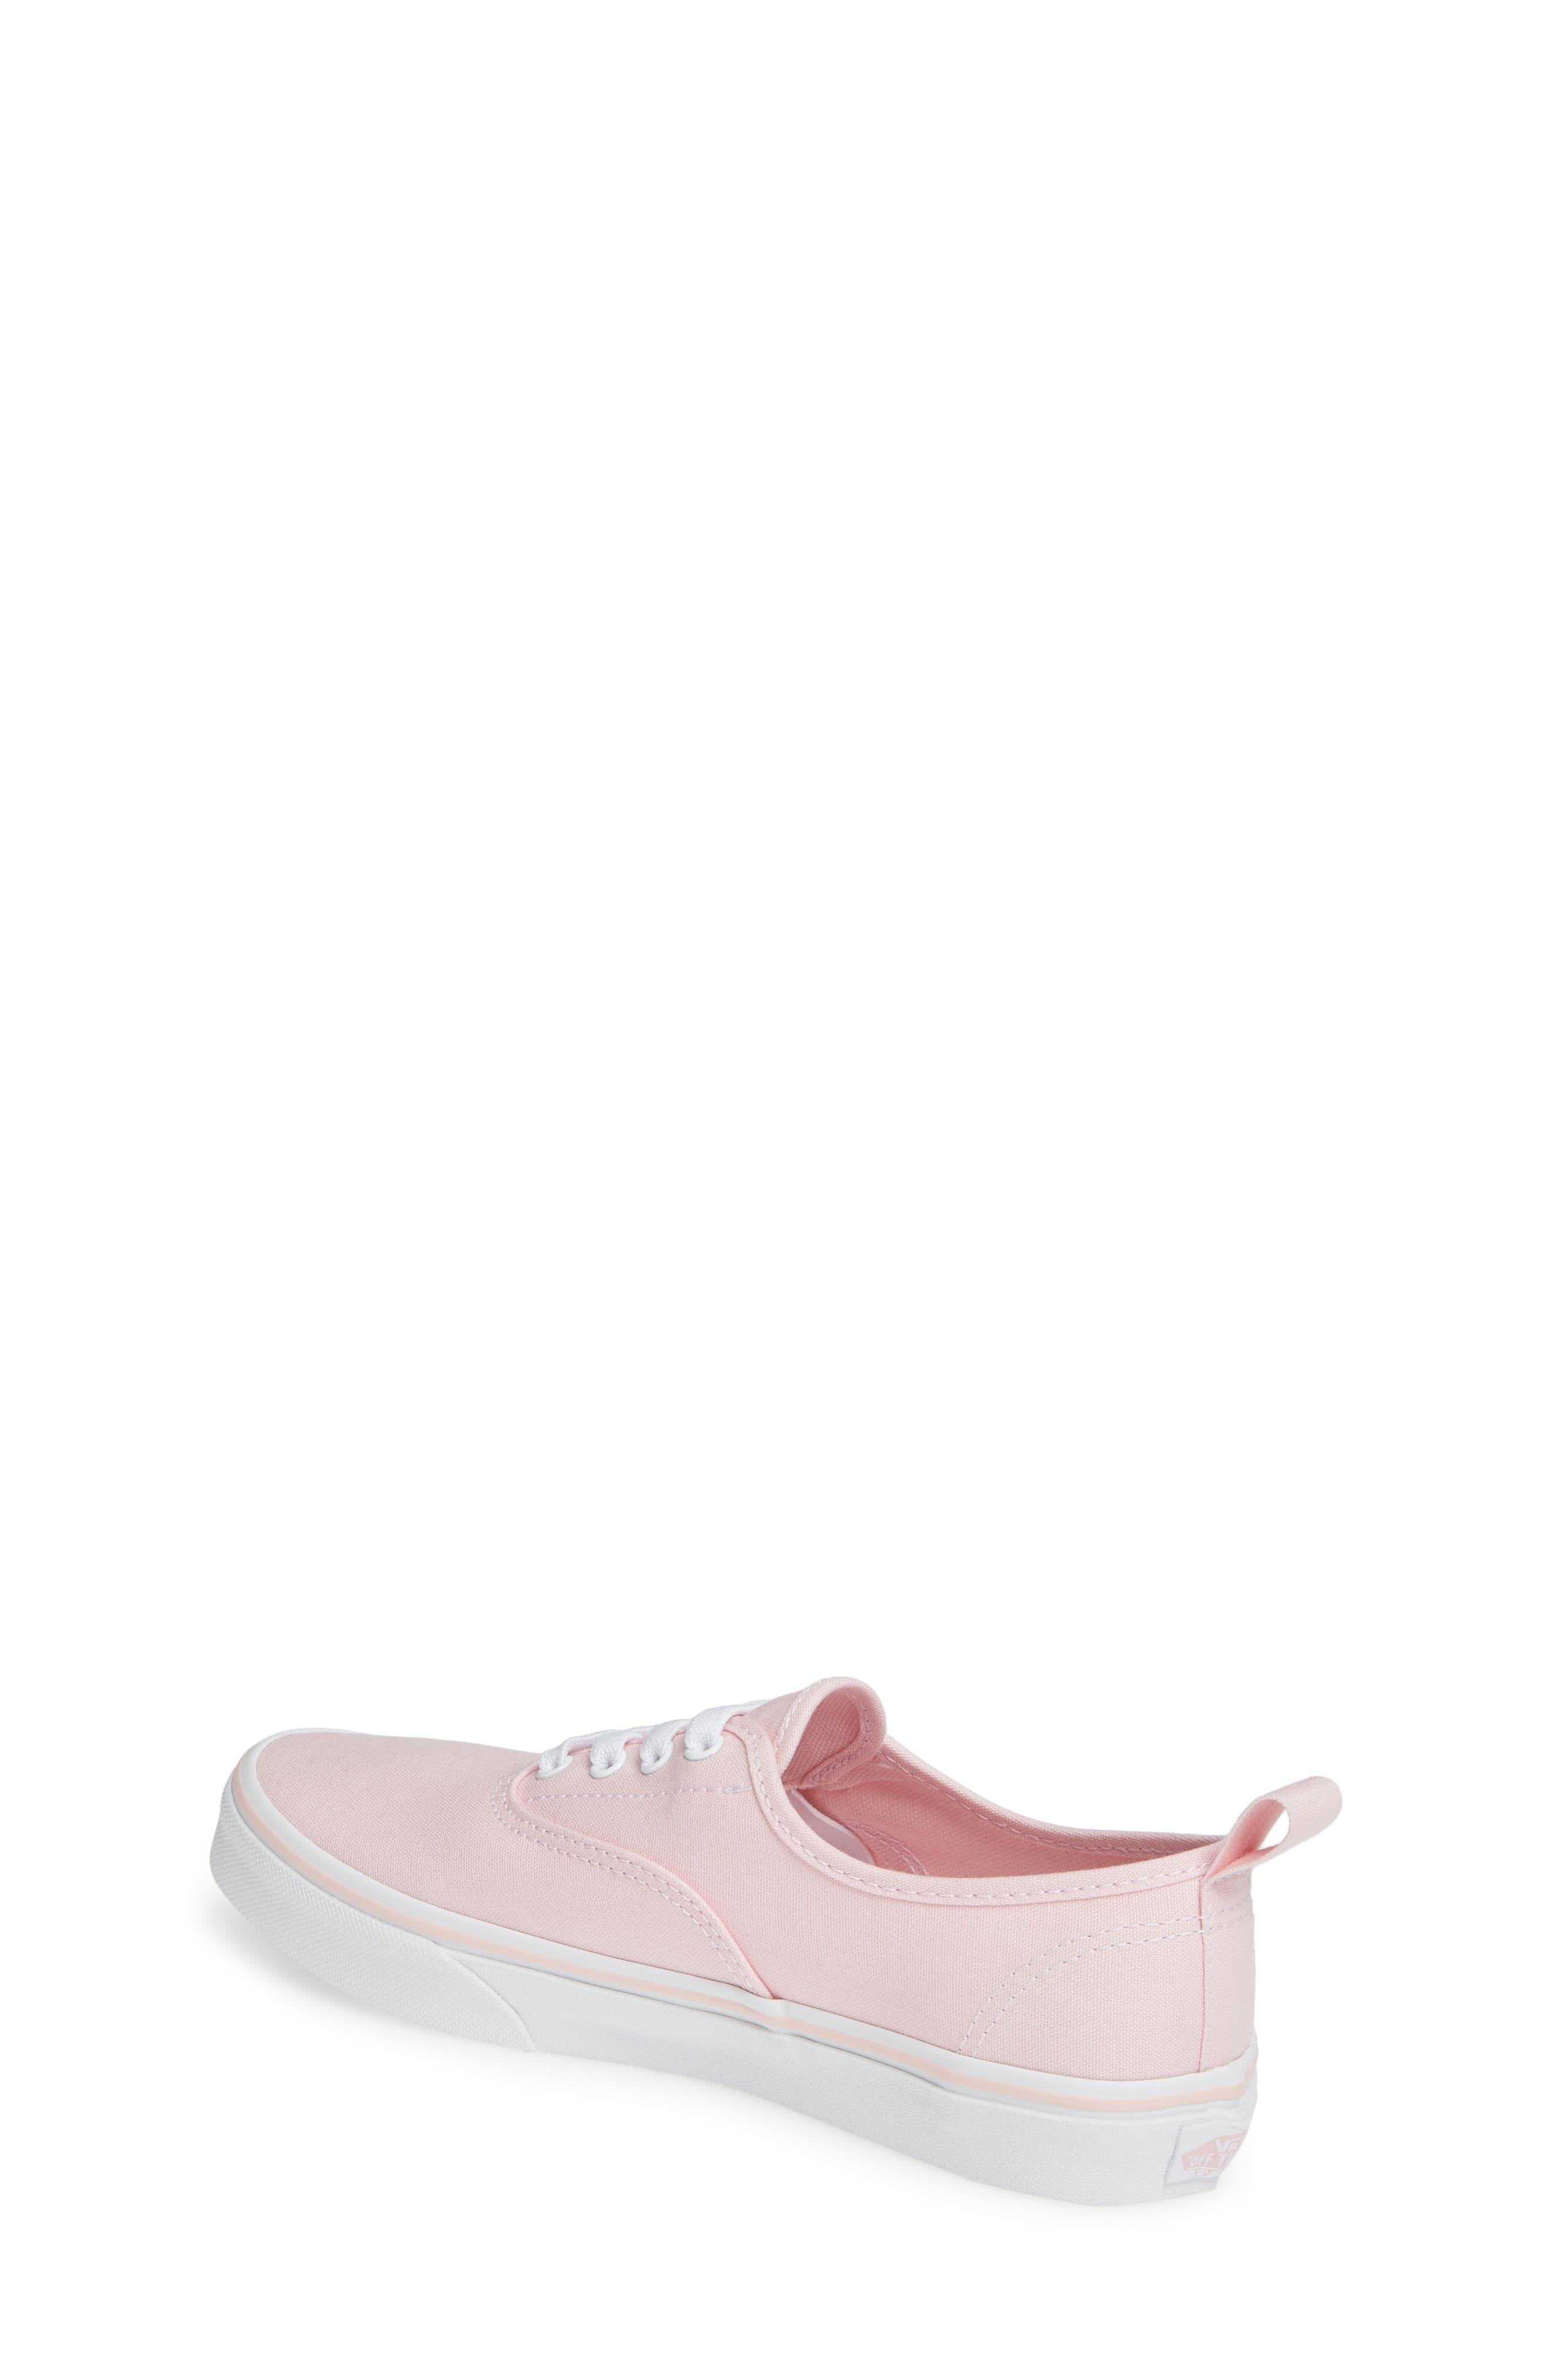 VANS, Authentic Elastic Lace Sneaker, Alternate thumbnail 2, color, CHALK PINK/ TRUE WHITE